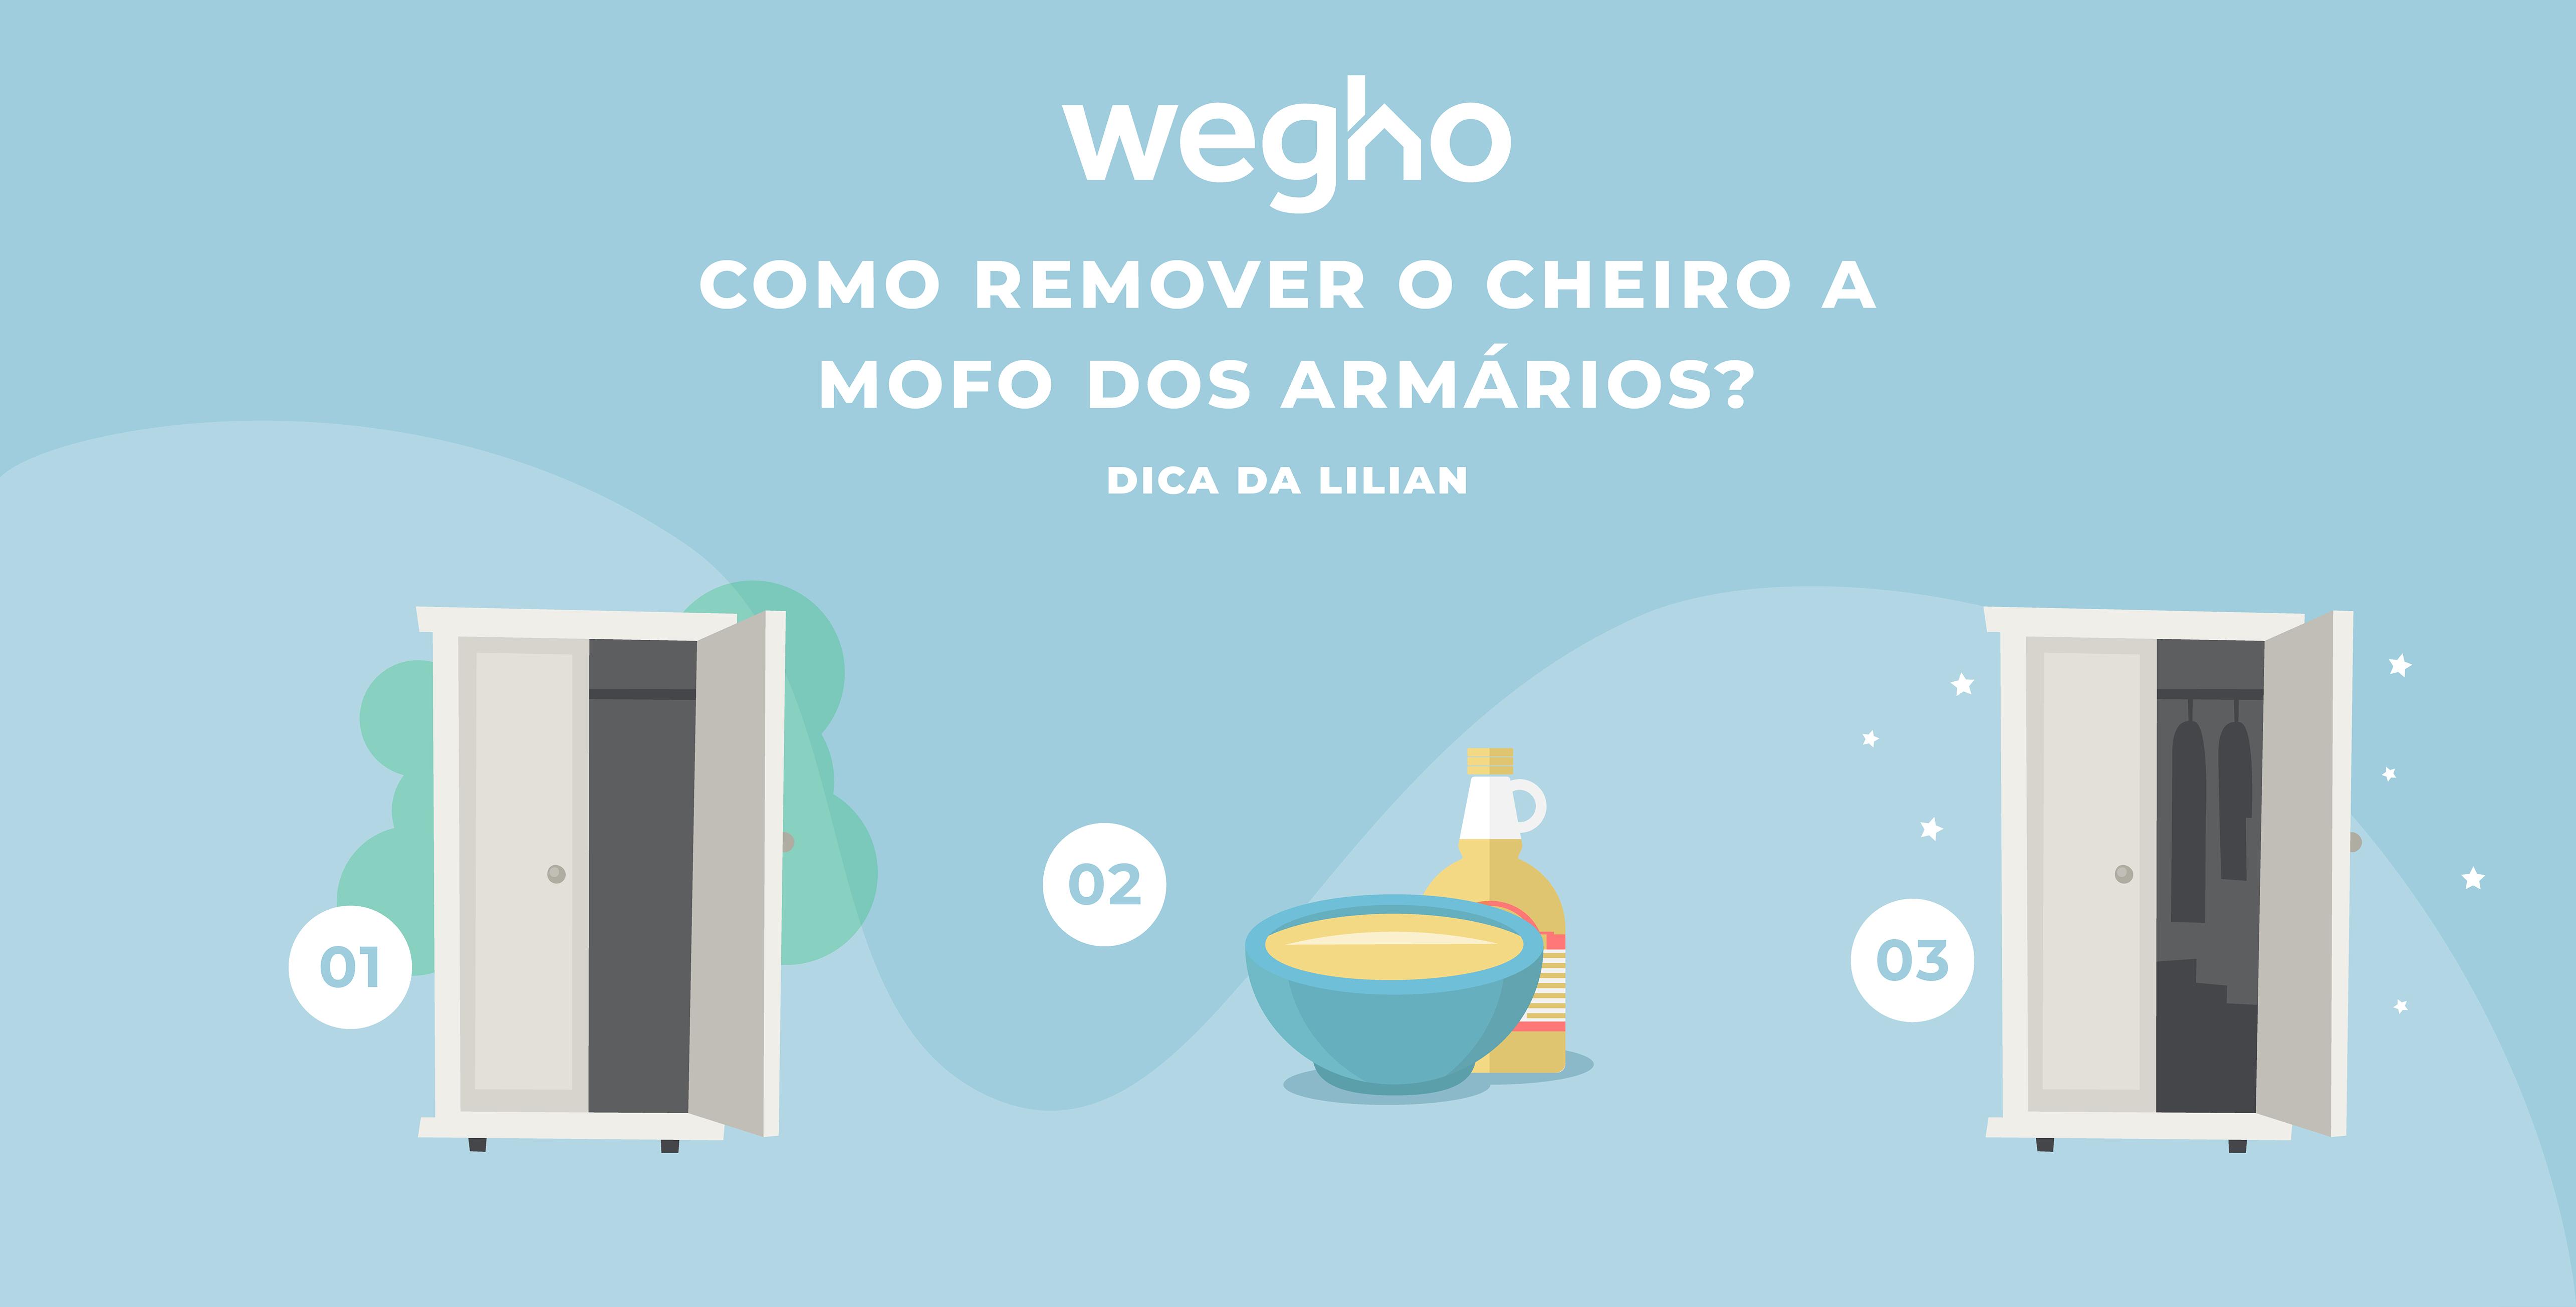 Como remover o cheiro a mofo dos armários?